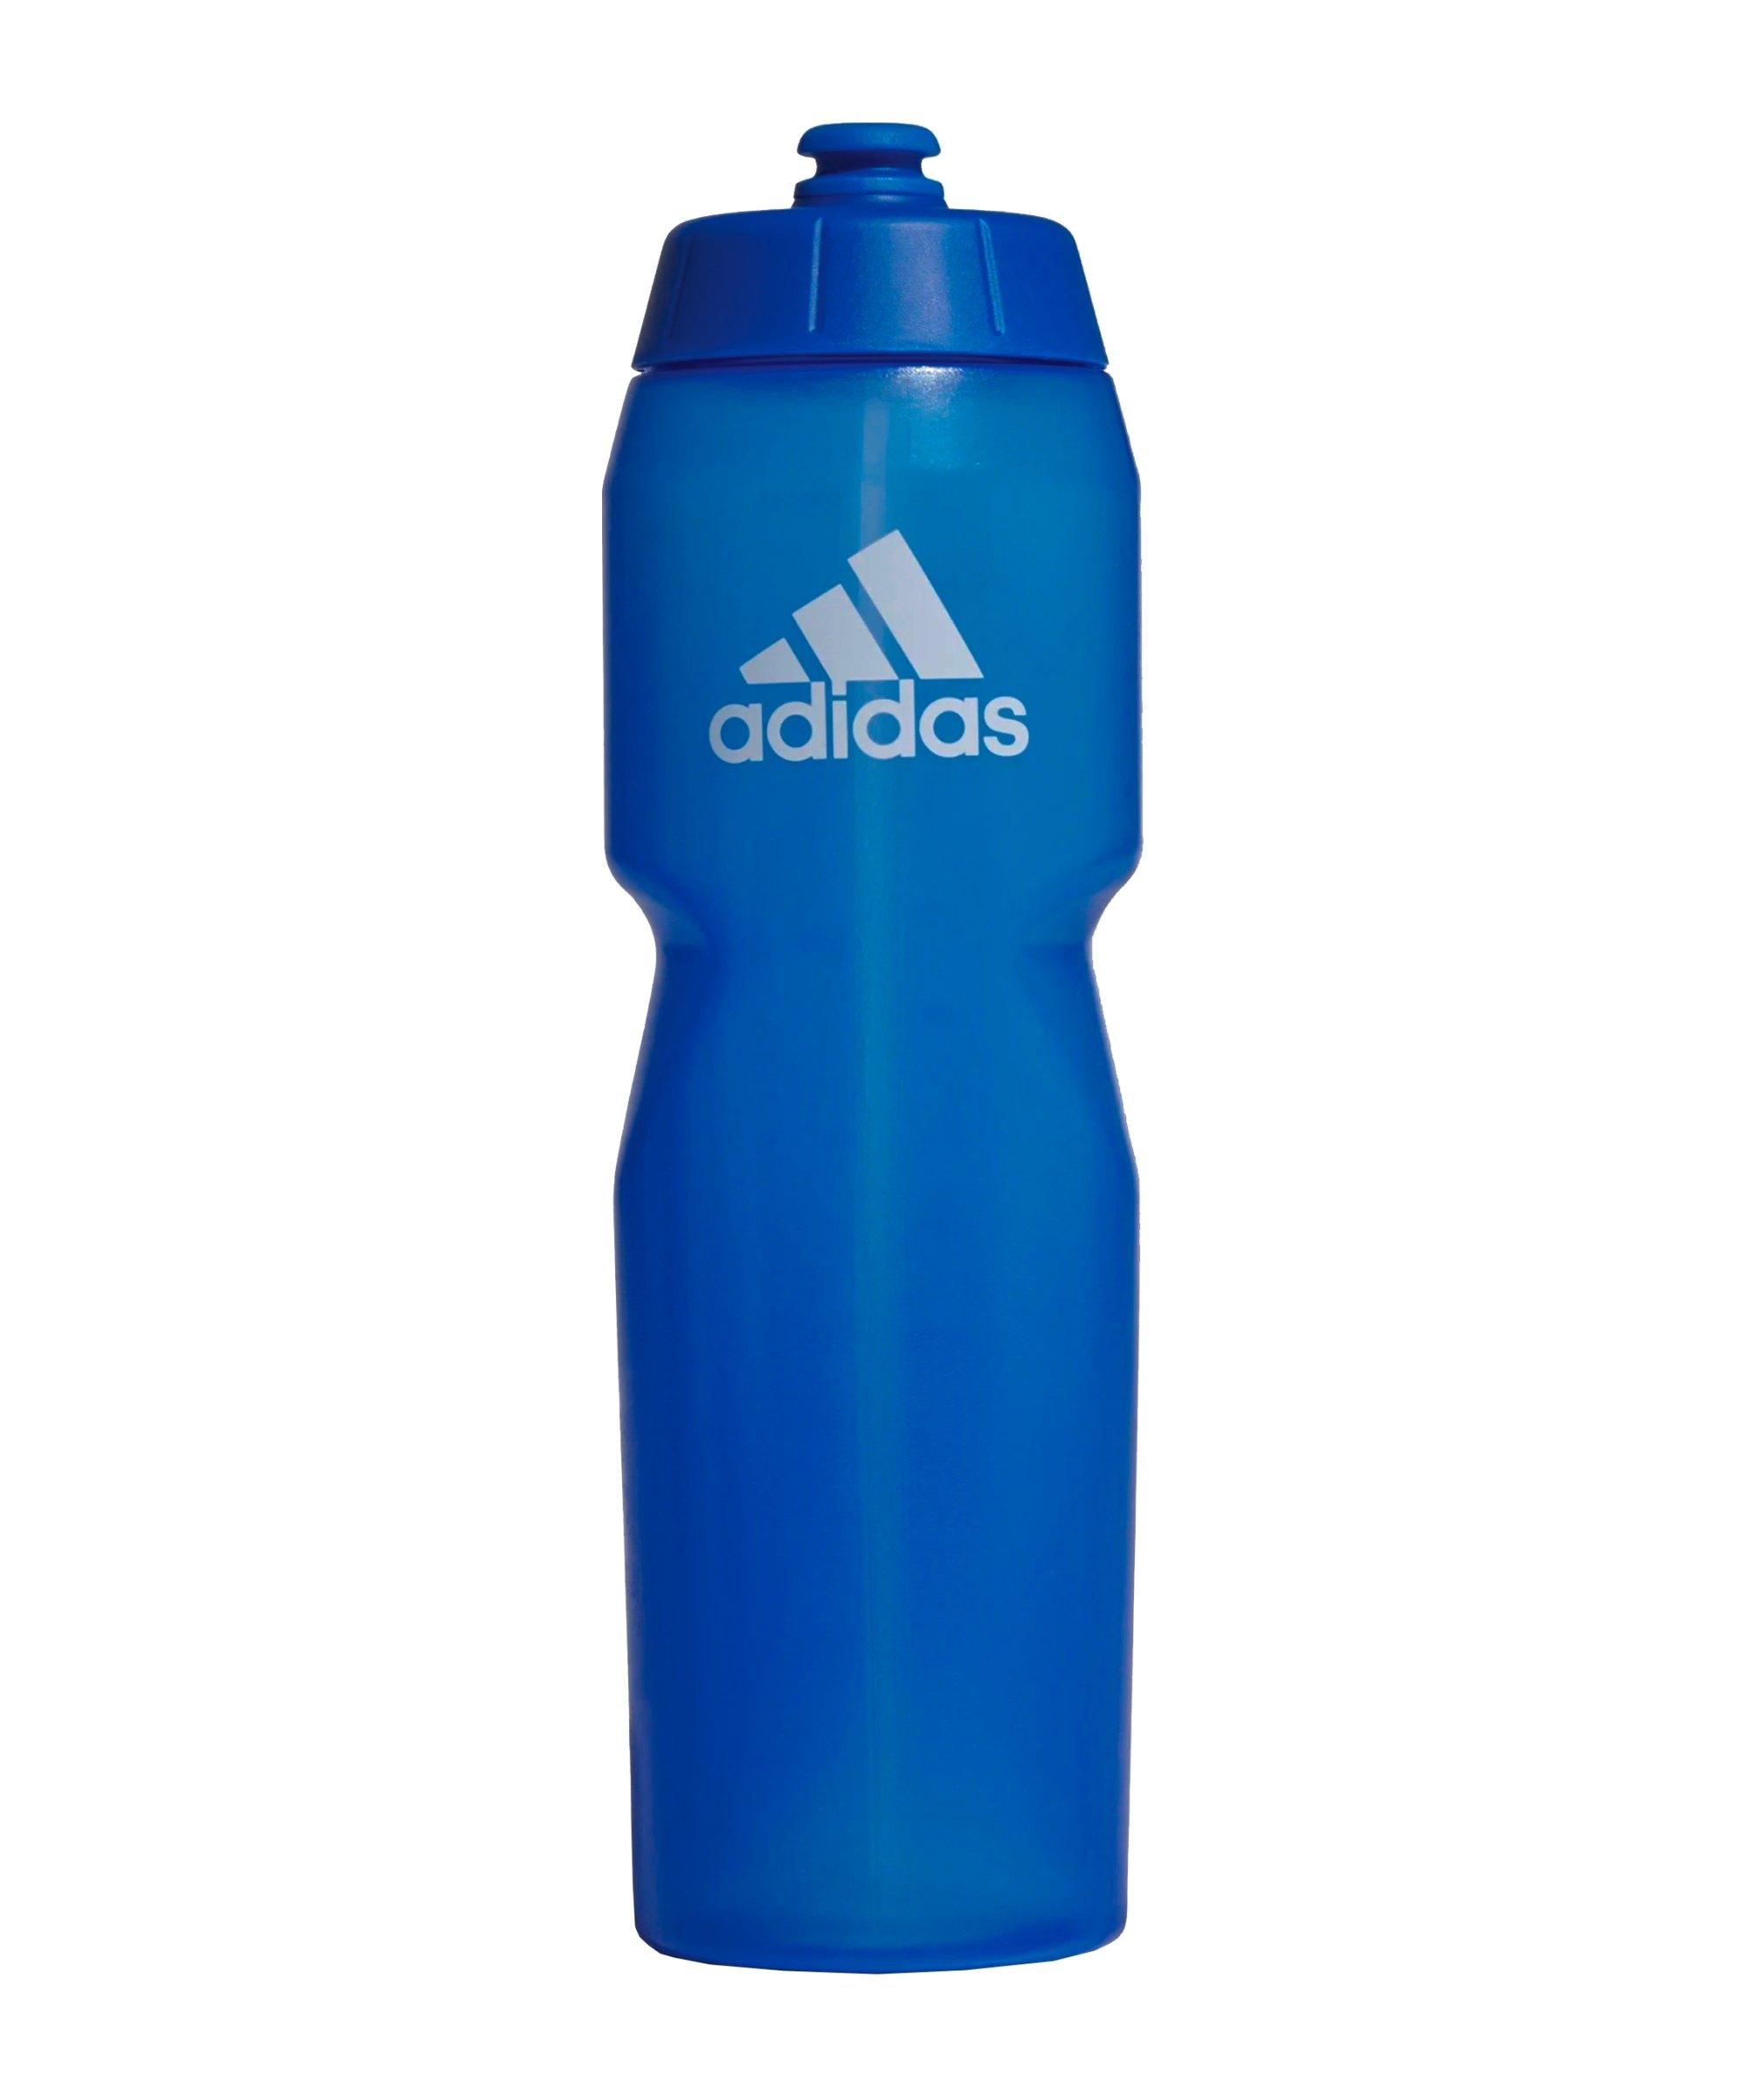 adidas Performance Trinkflasche 750ml Blau - blau